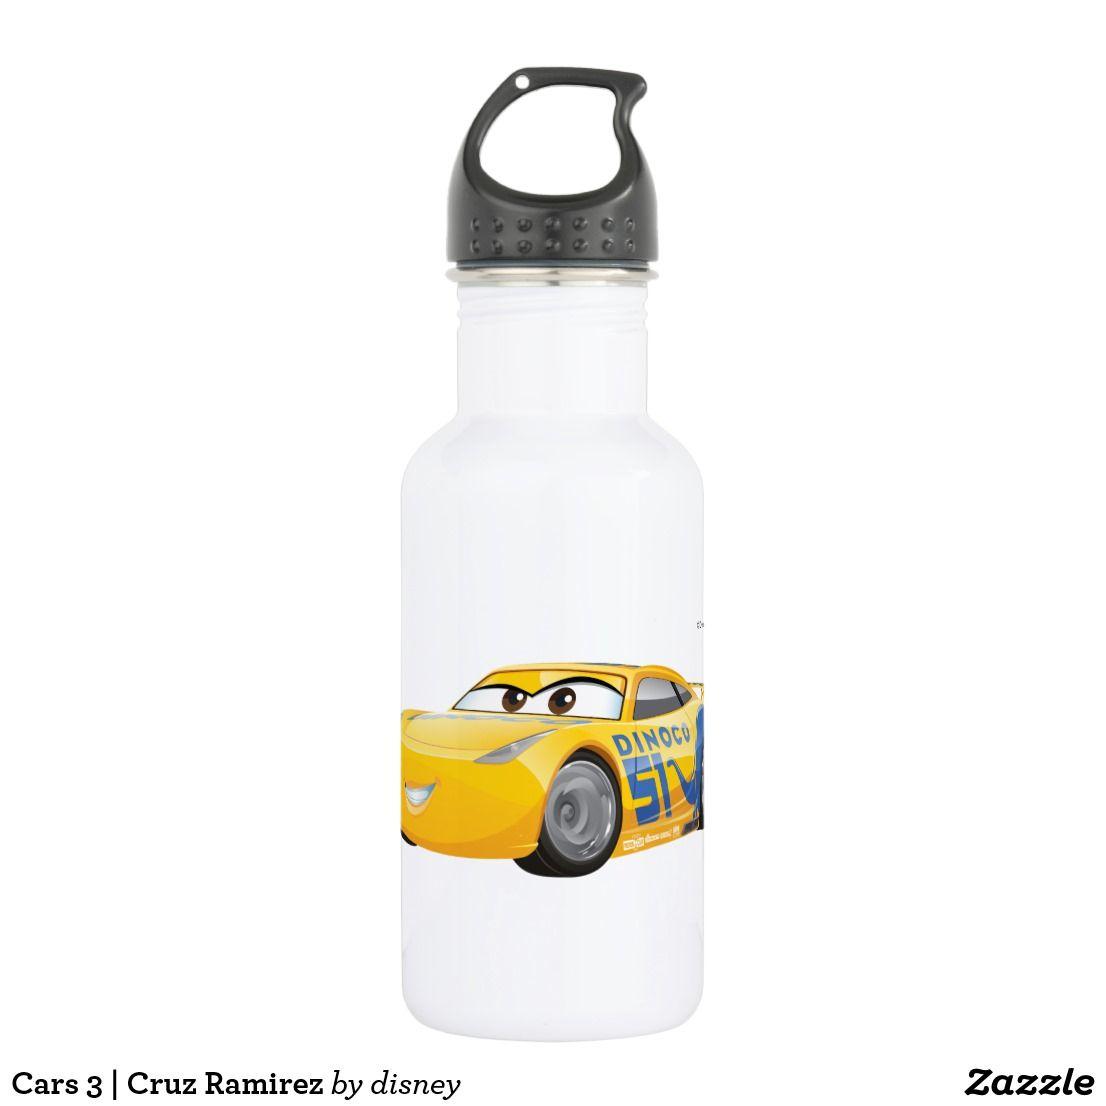 Design of bottle car jack - Cars 3 Cruz Ramirez Water Bottle